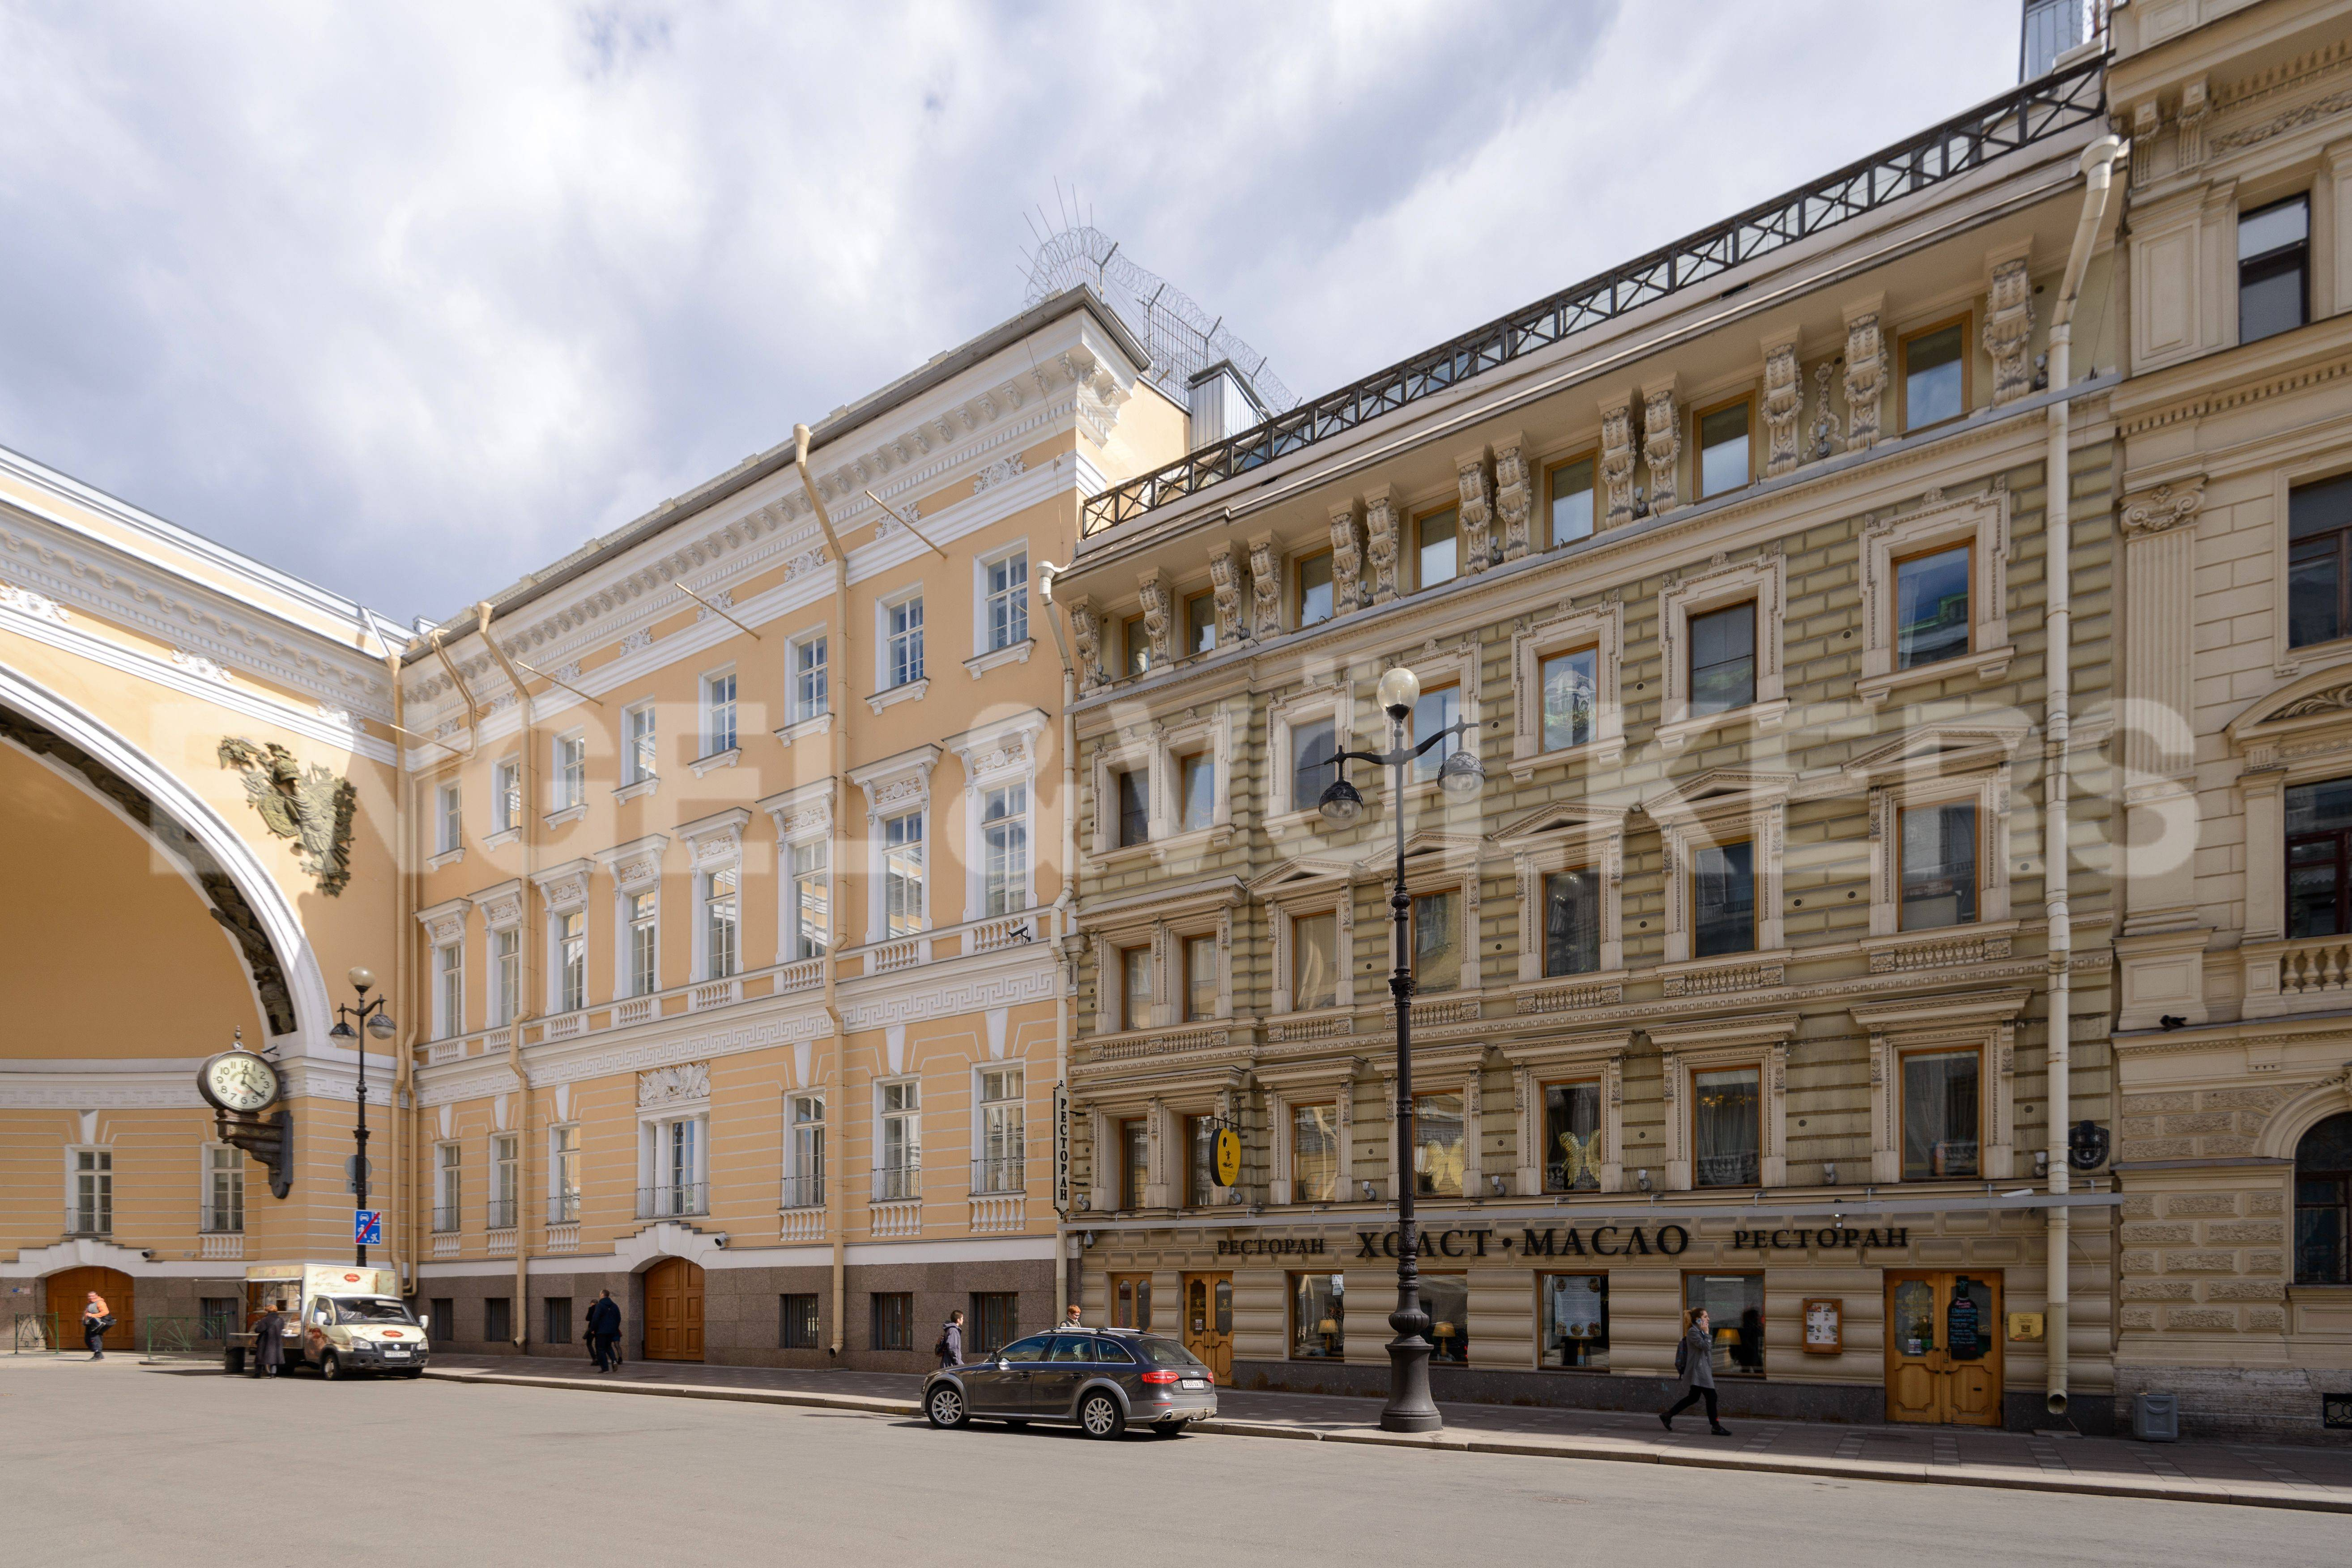 Элитные квартиры в Центральном районе. Санкт-Петербург, Большая Морская, 4. Фасад дома со стороны Большой Морской улицы